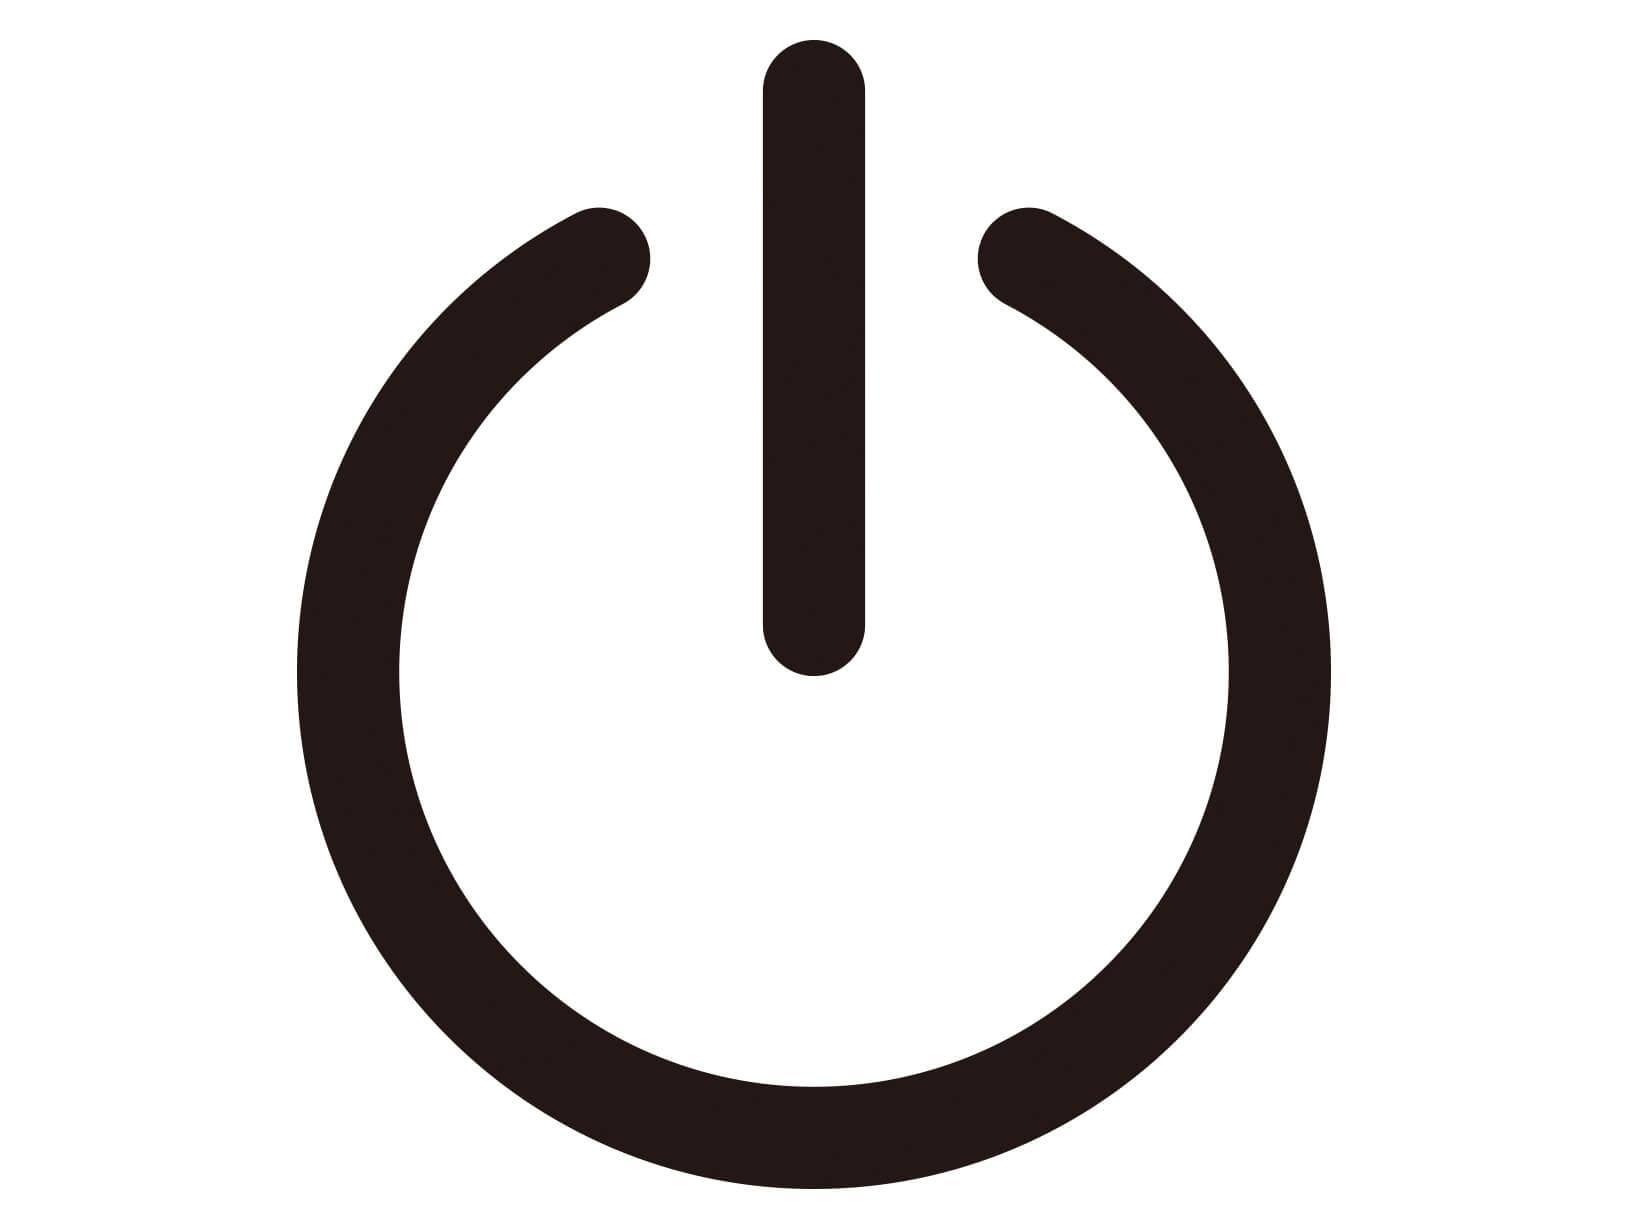 パソコンの電源を入れる方法・手順